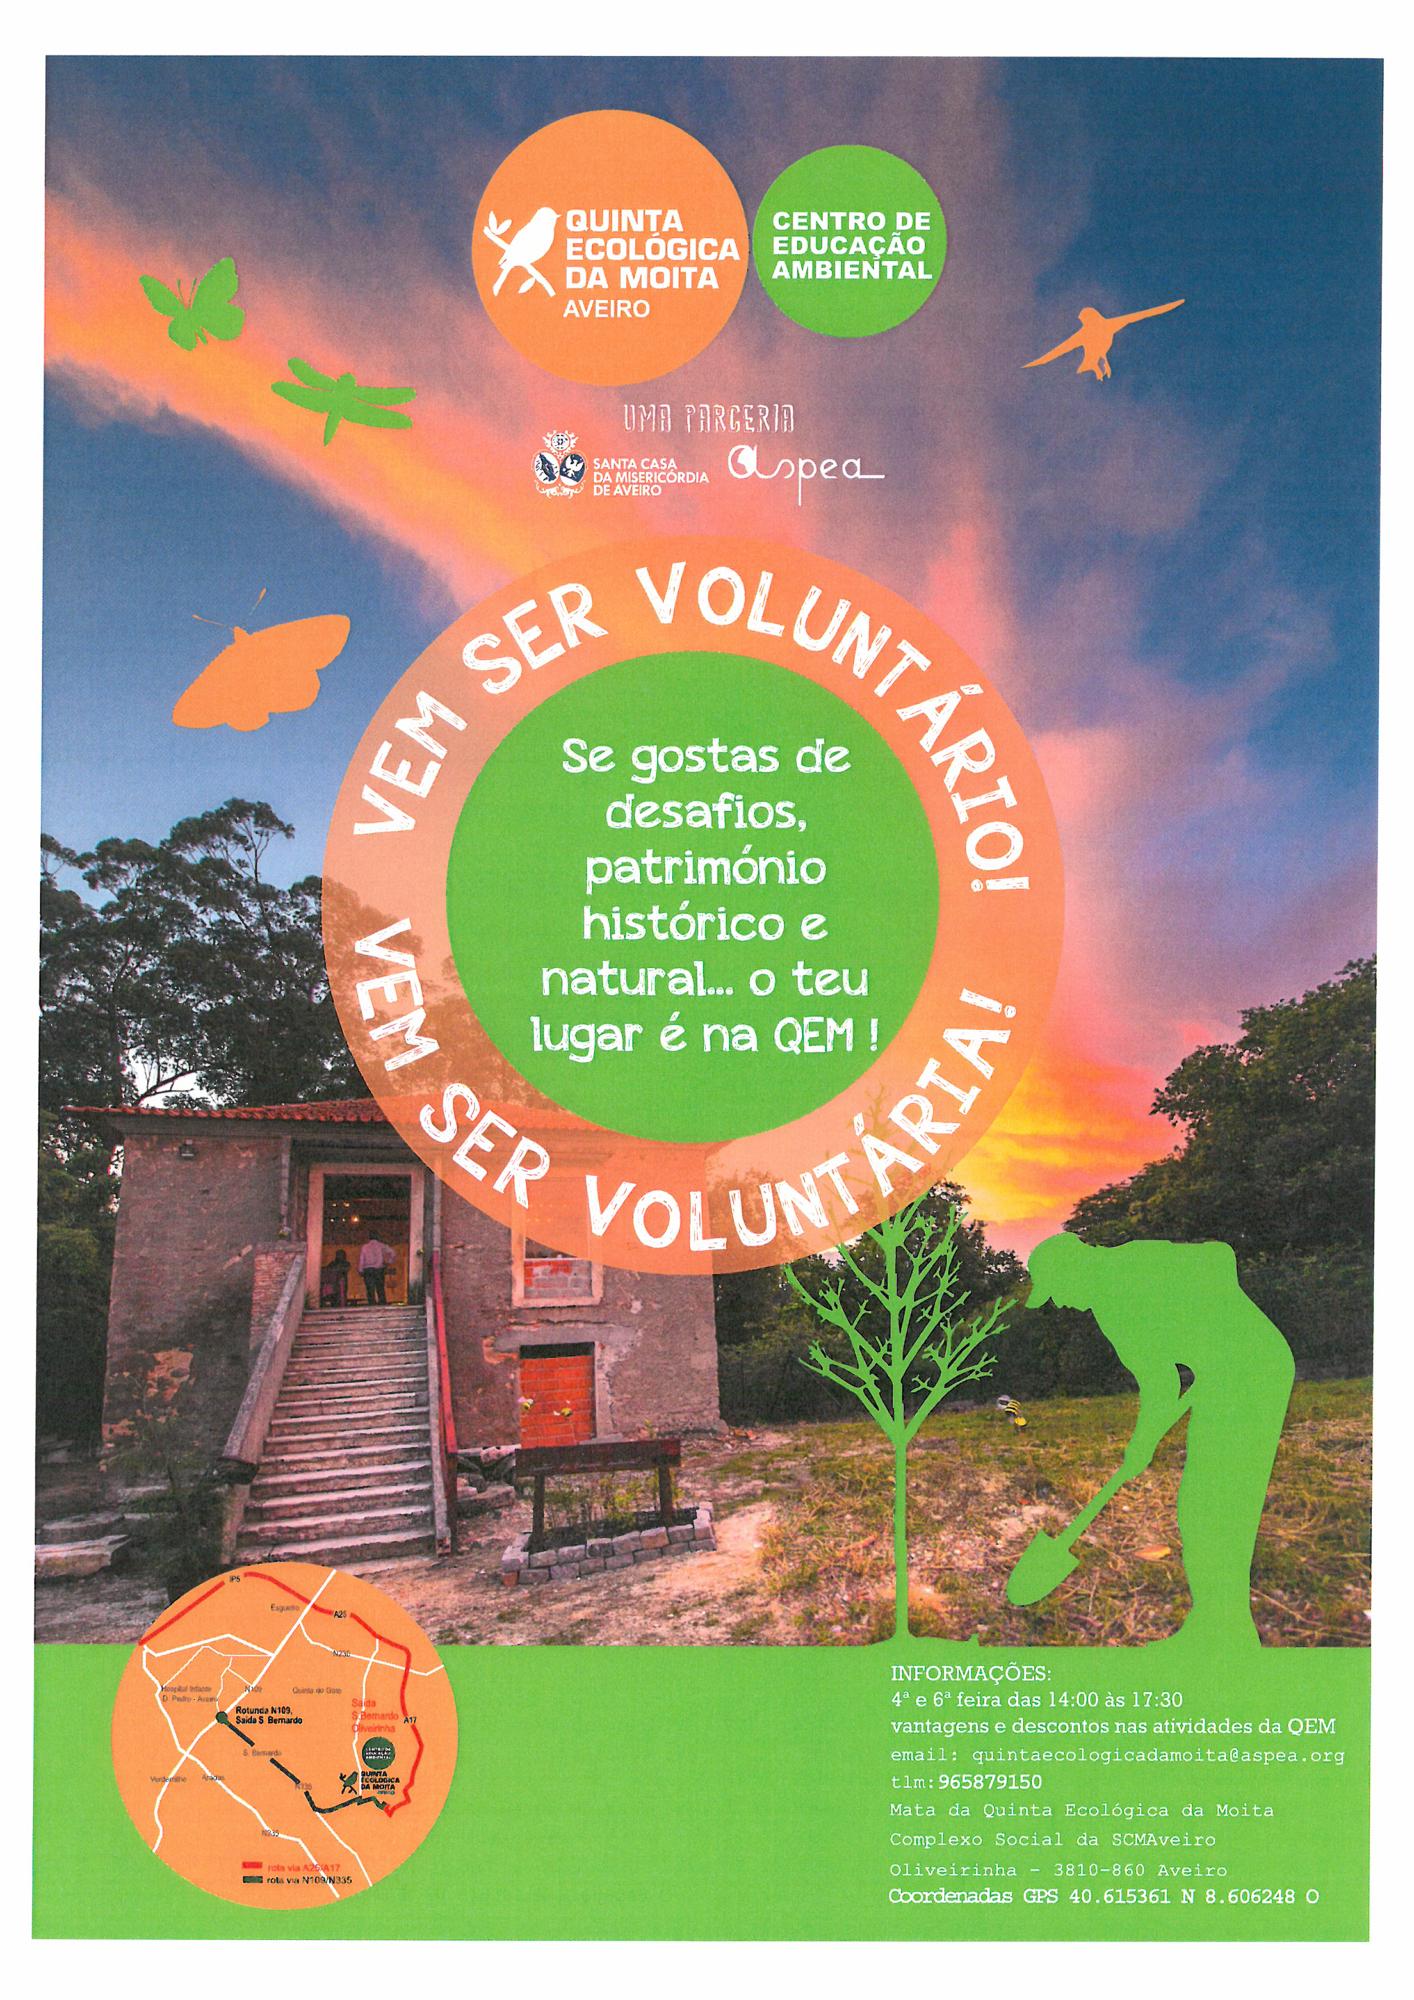 QEm - Vem ser voluntário